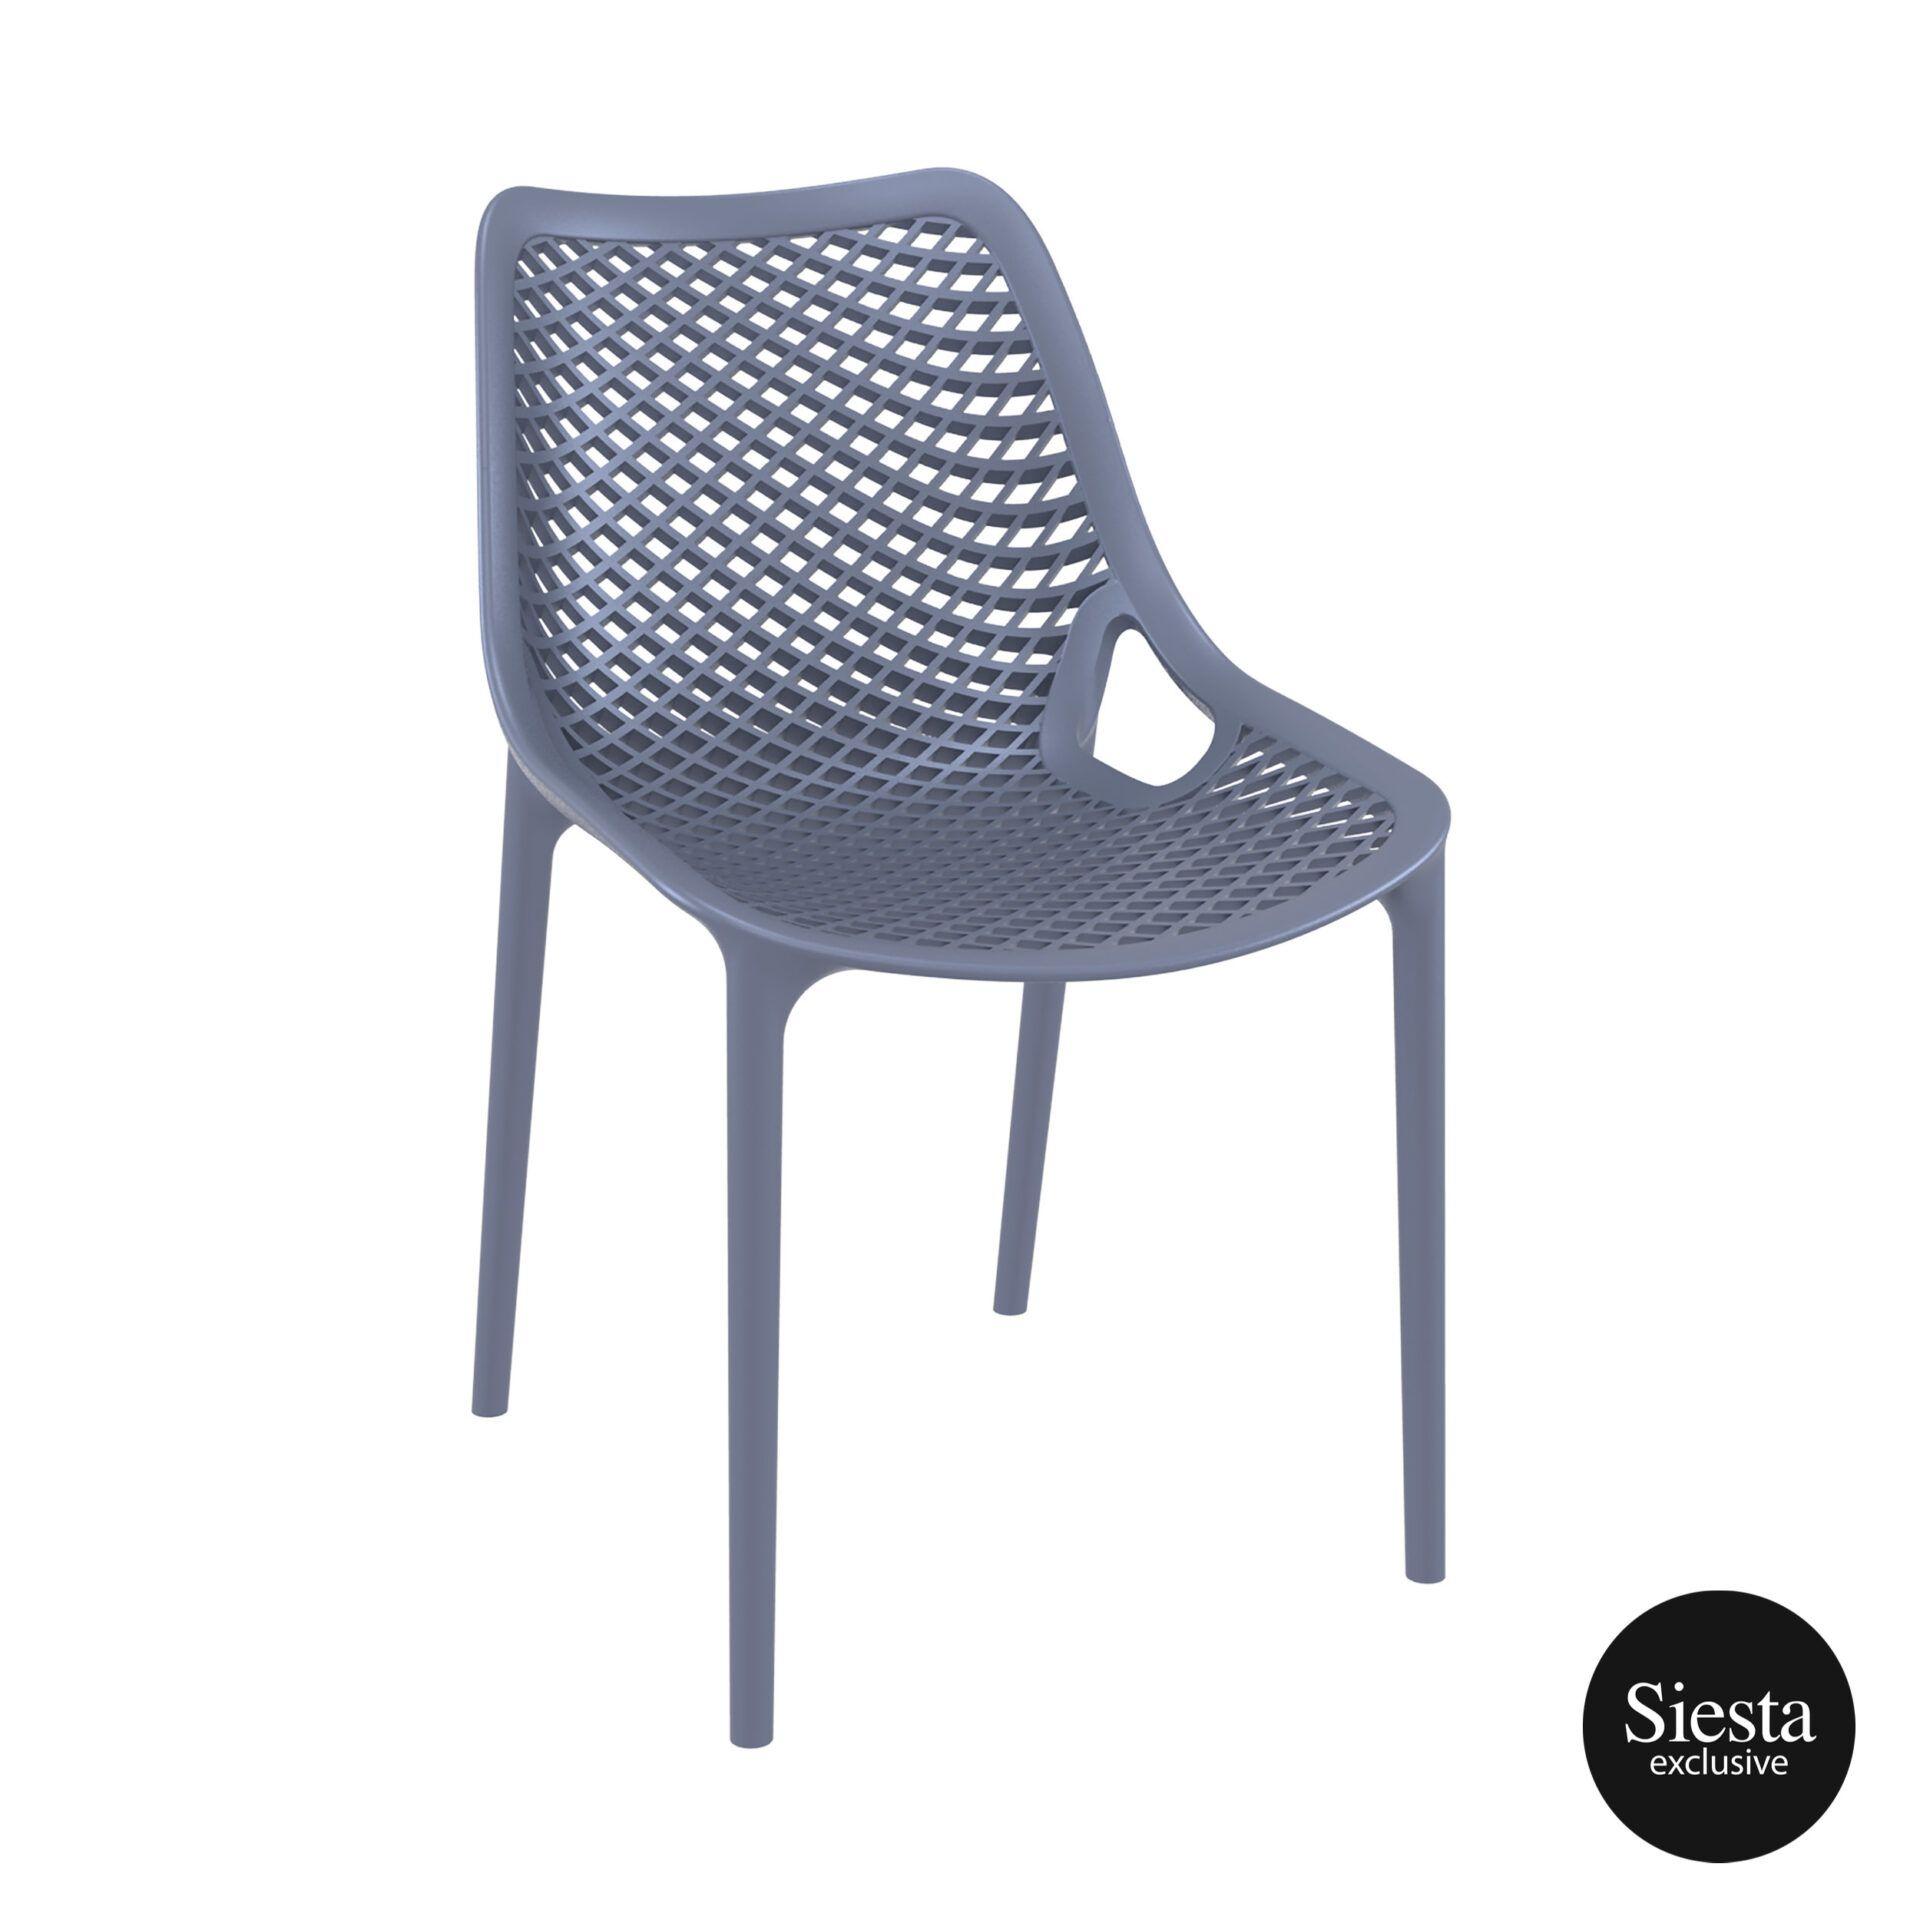 original siesta air chair darkgrey front side